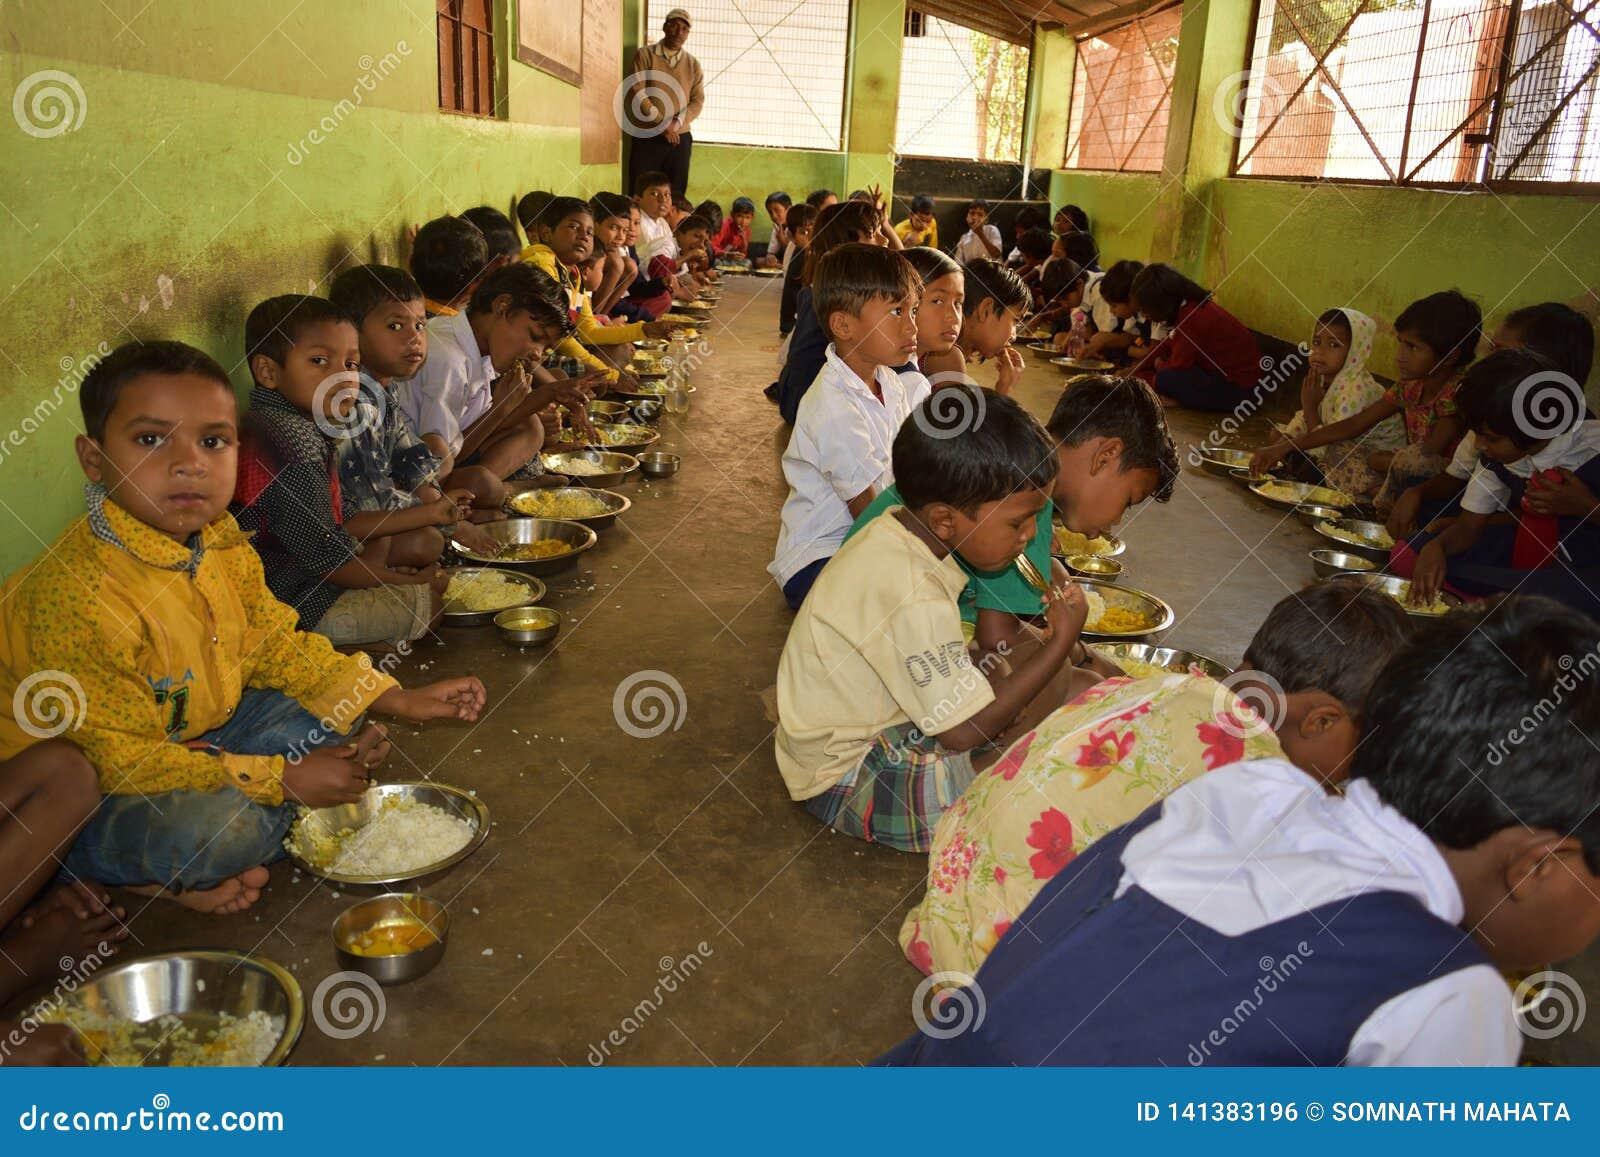 Południe posiłku program, rzędu hinduskiego incjatywa, biega w szkole podstawowej Ucznie biorą ich posiłek